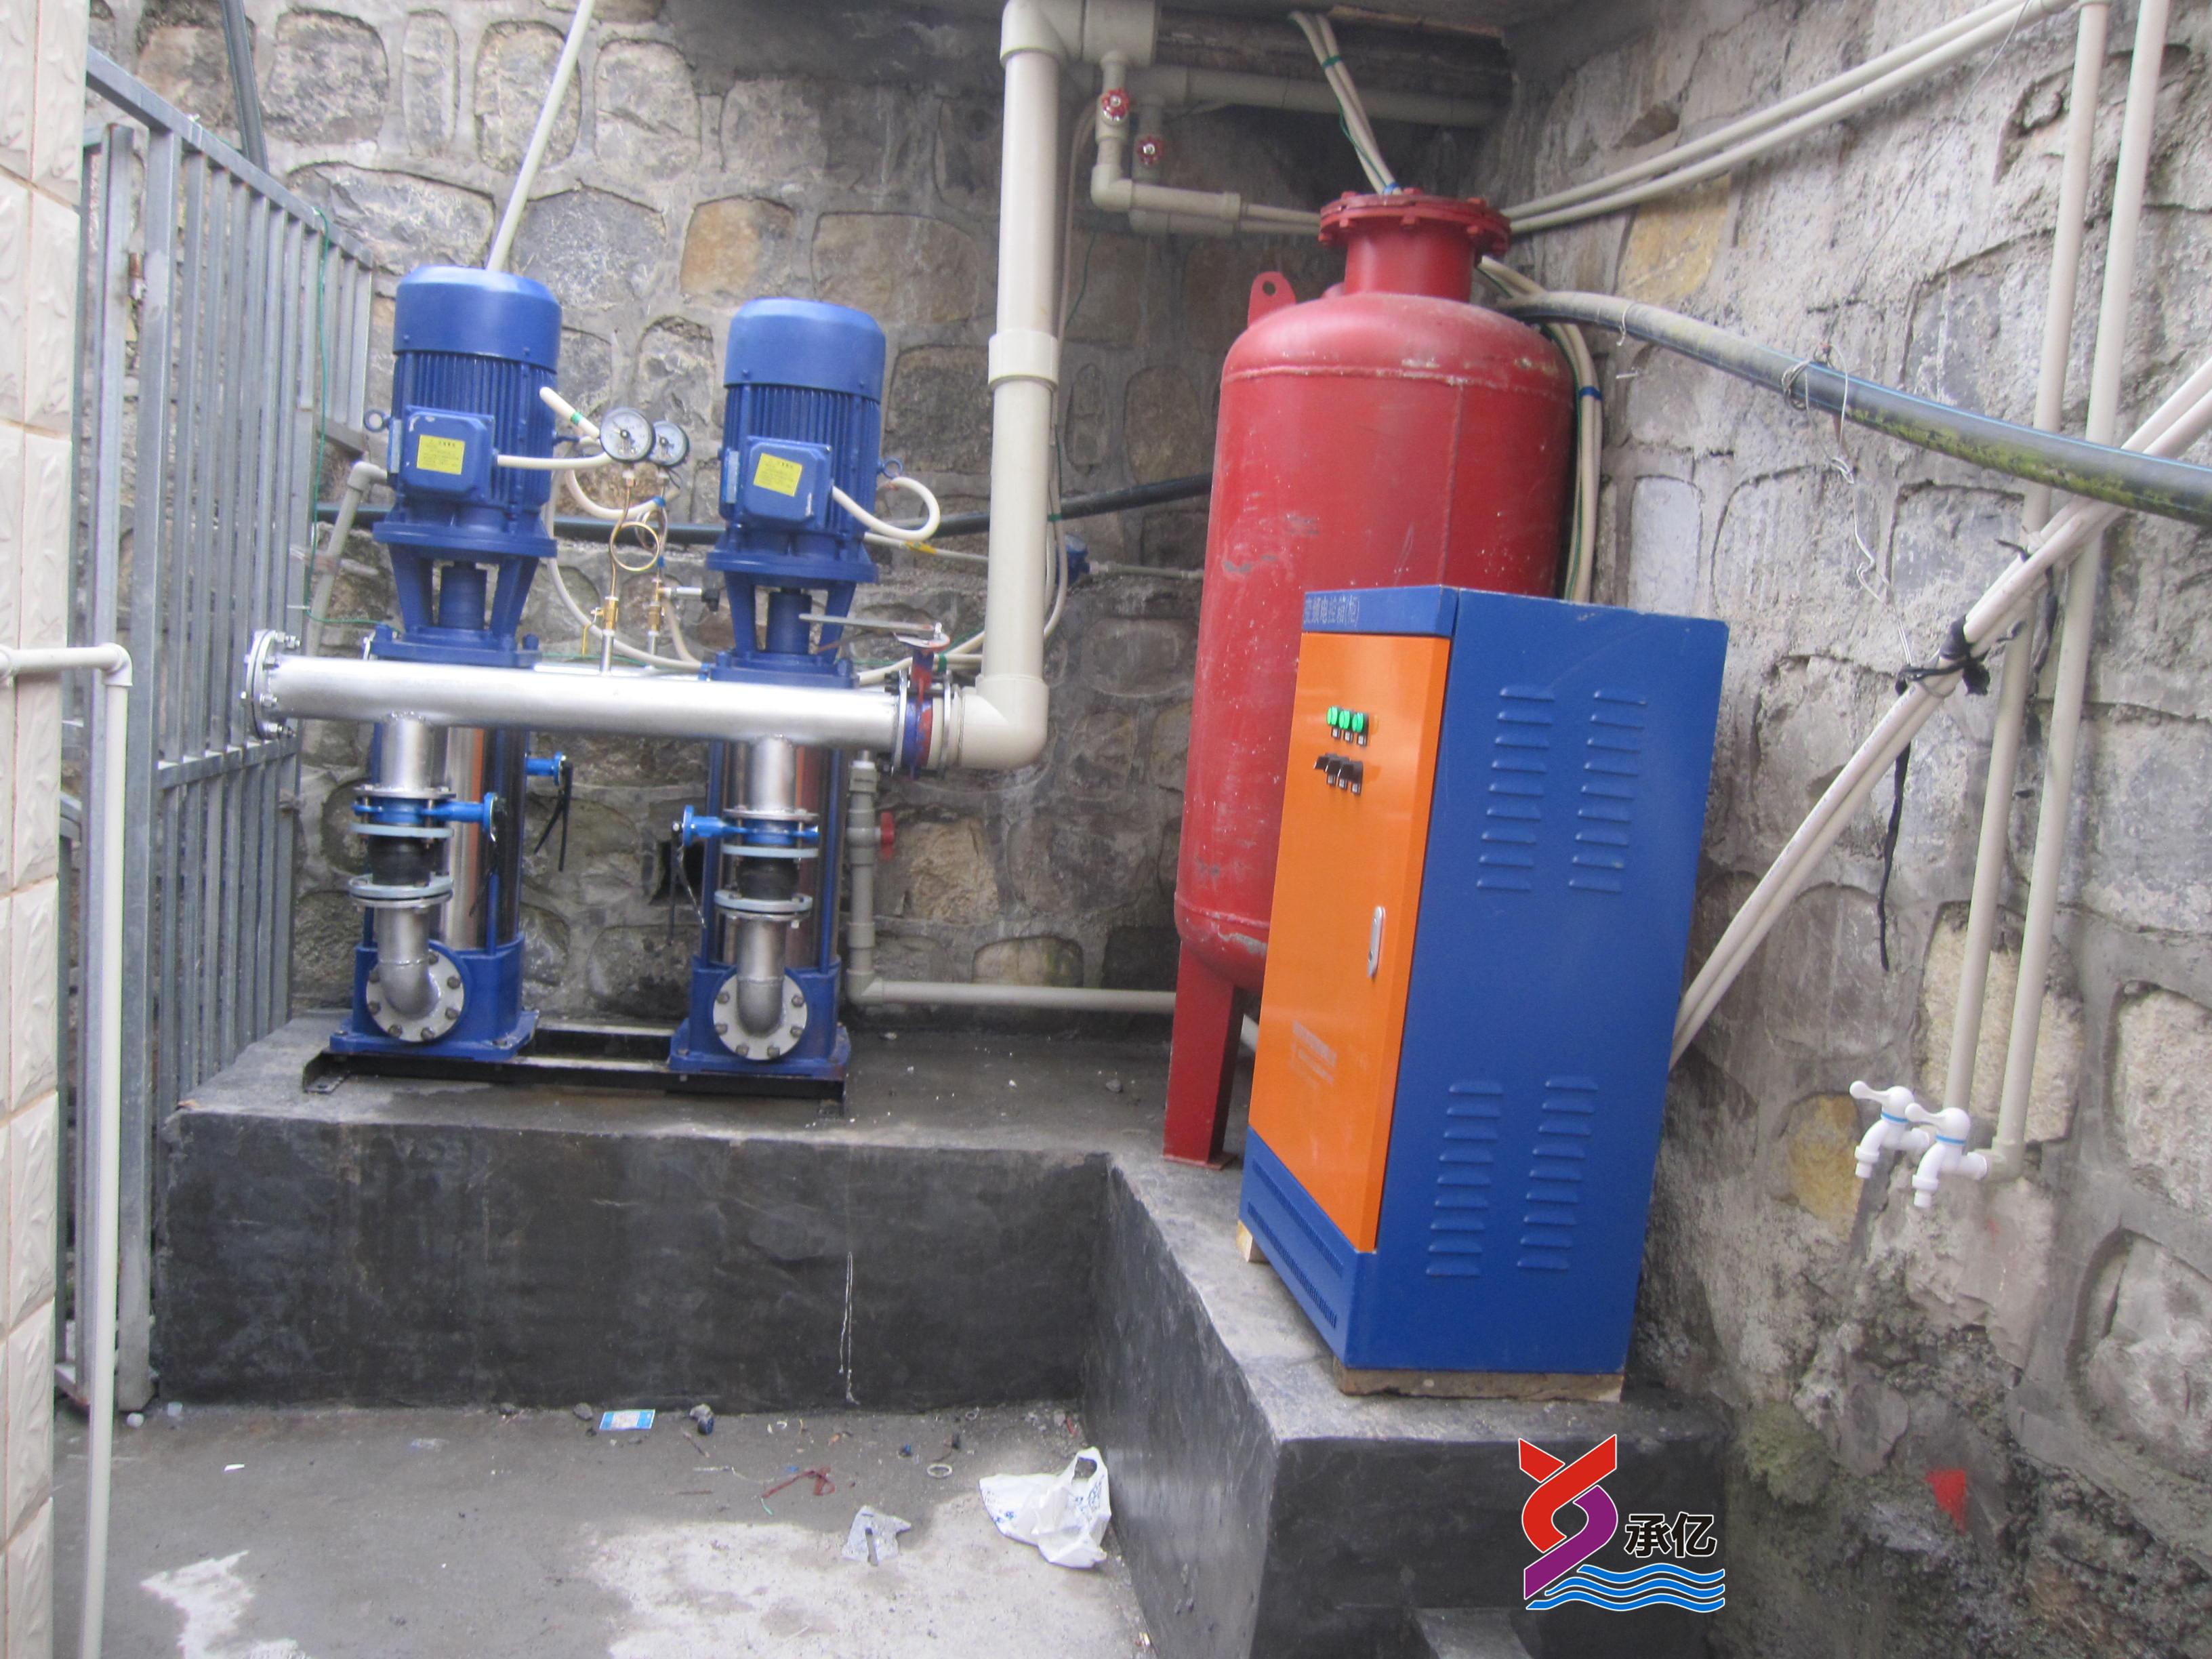 学校应用的变频恒压供水设备